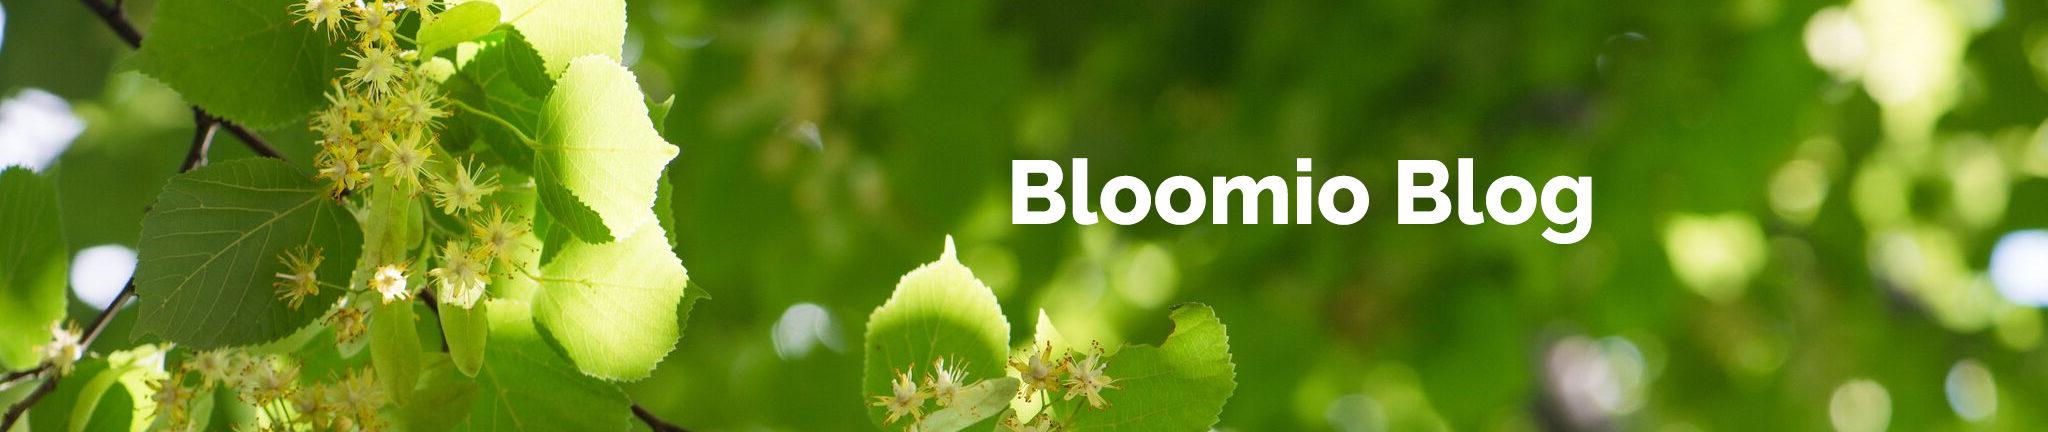 All worldwide updates of Venture Capital Industry— BloomioAG